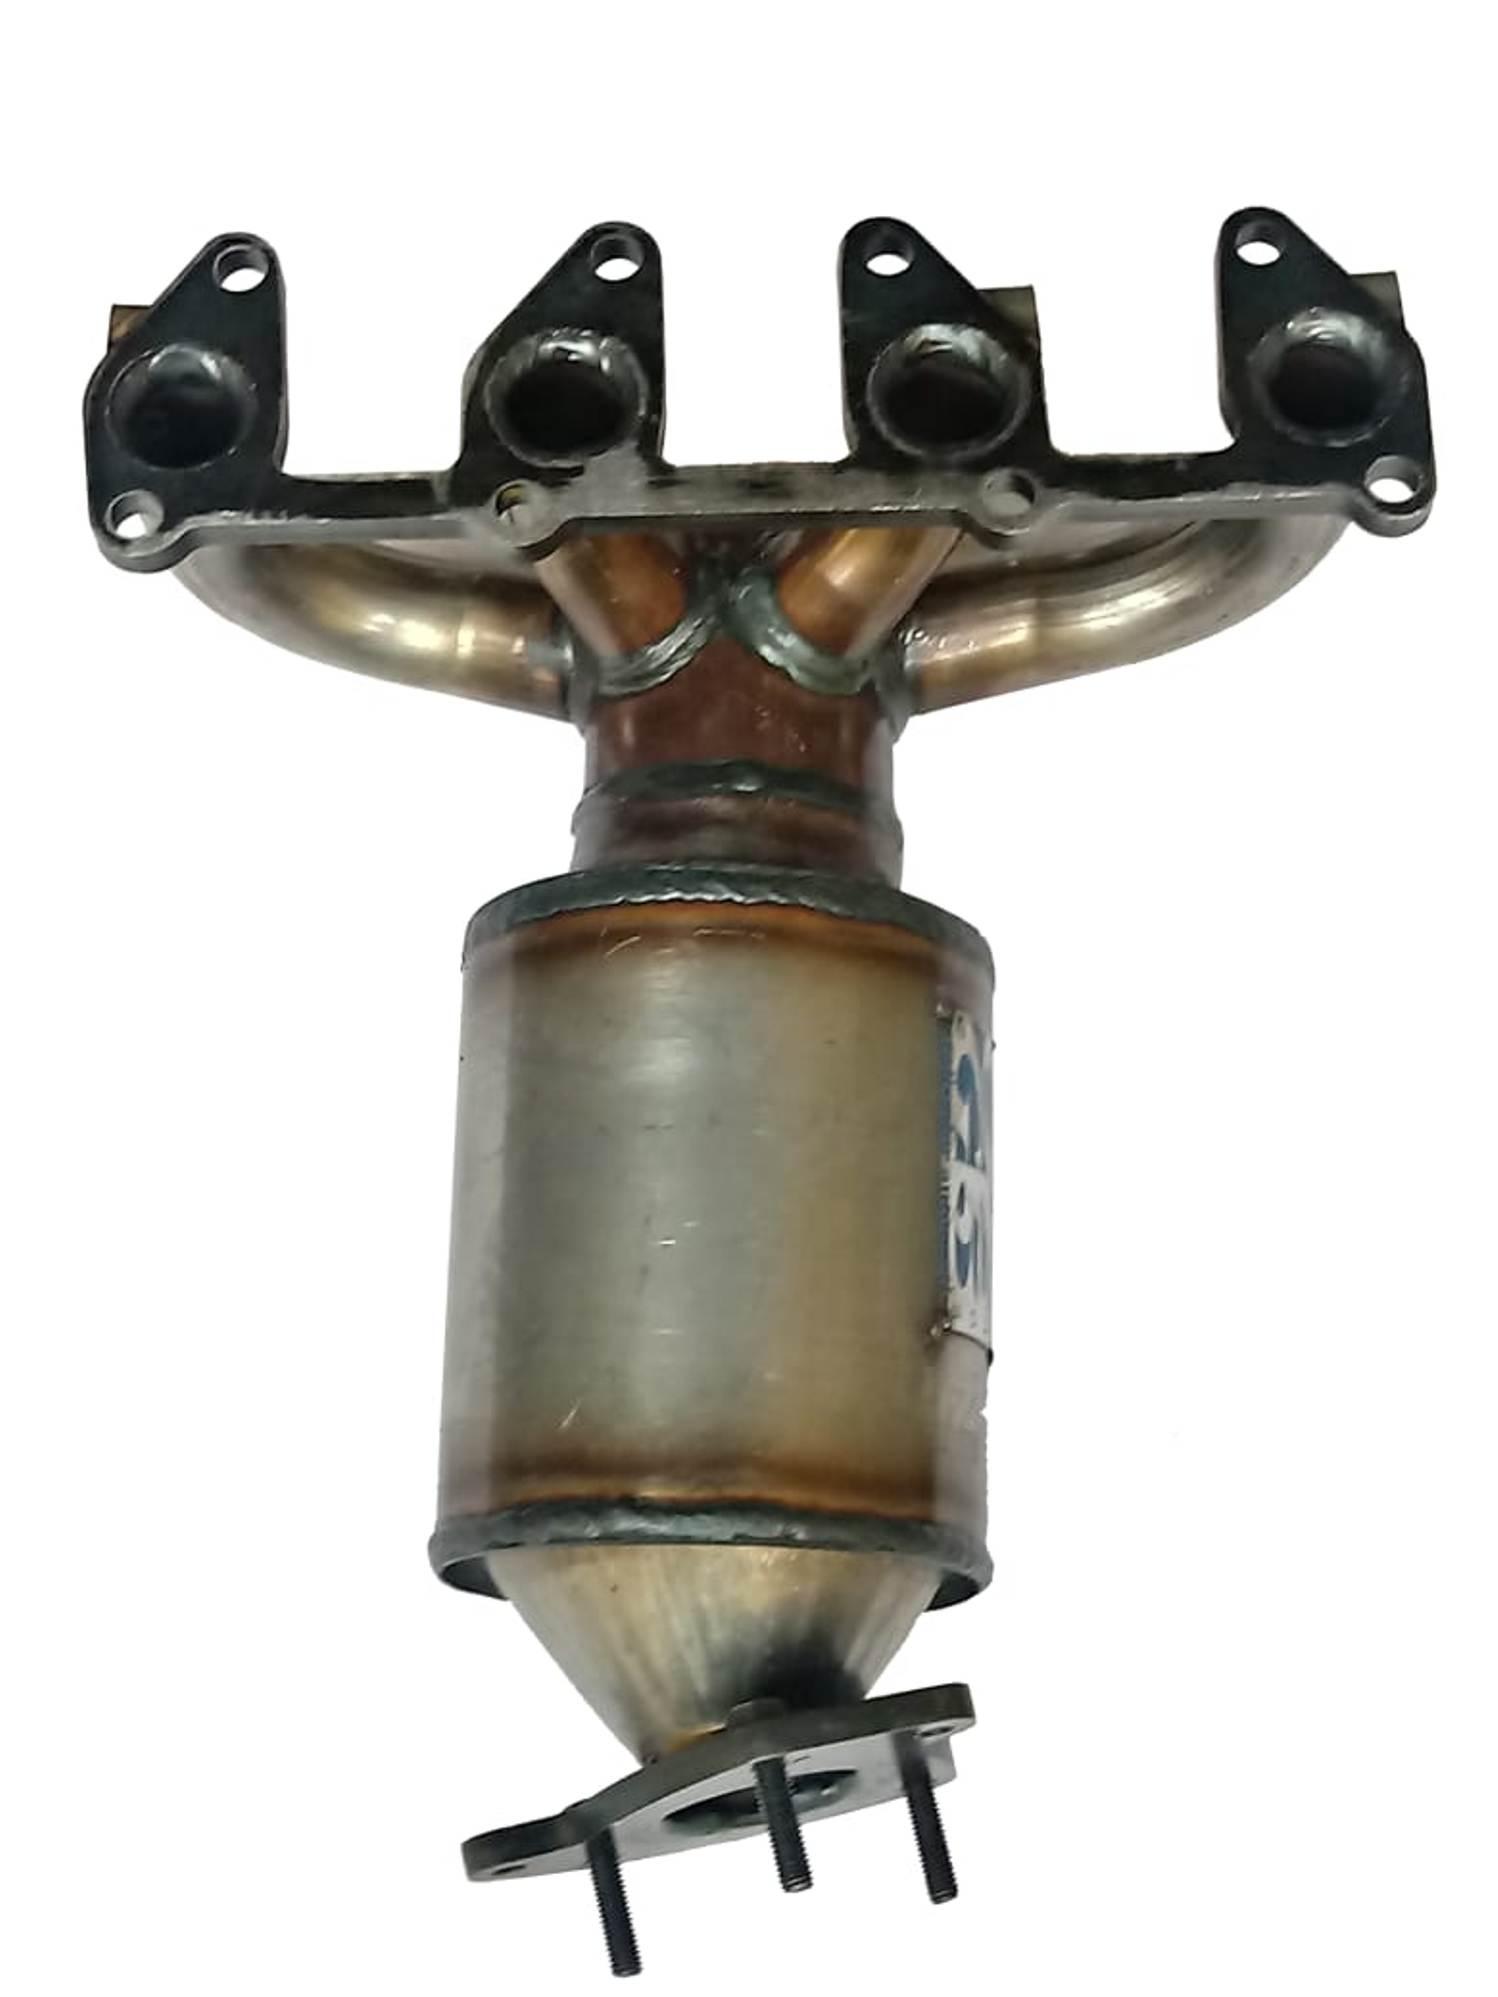 Catalisador com Coletor Chevrolet Cobalt 1.4/1.8 8v Flex de 2012 em diante